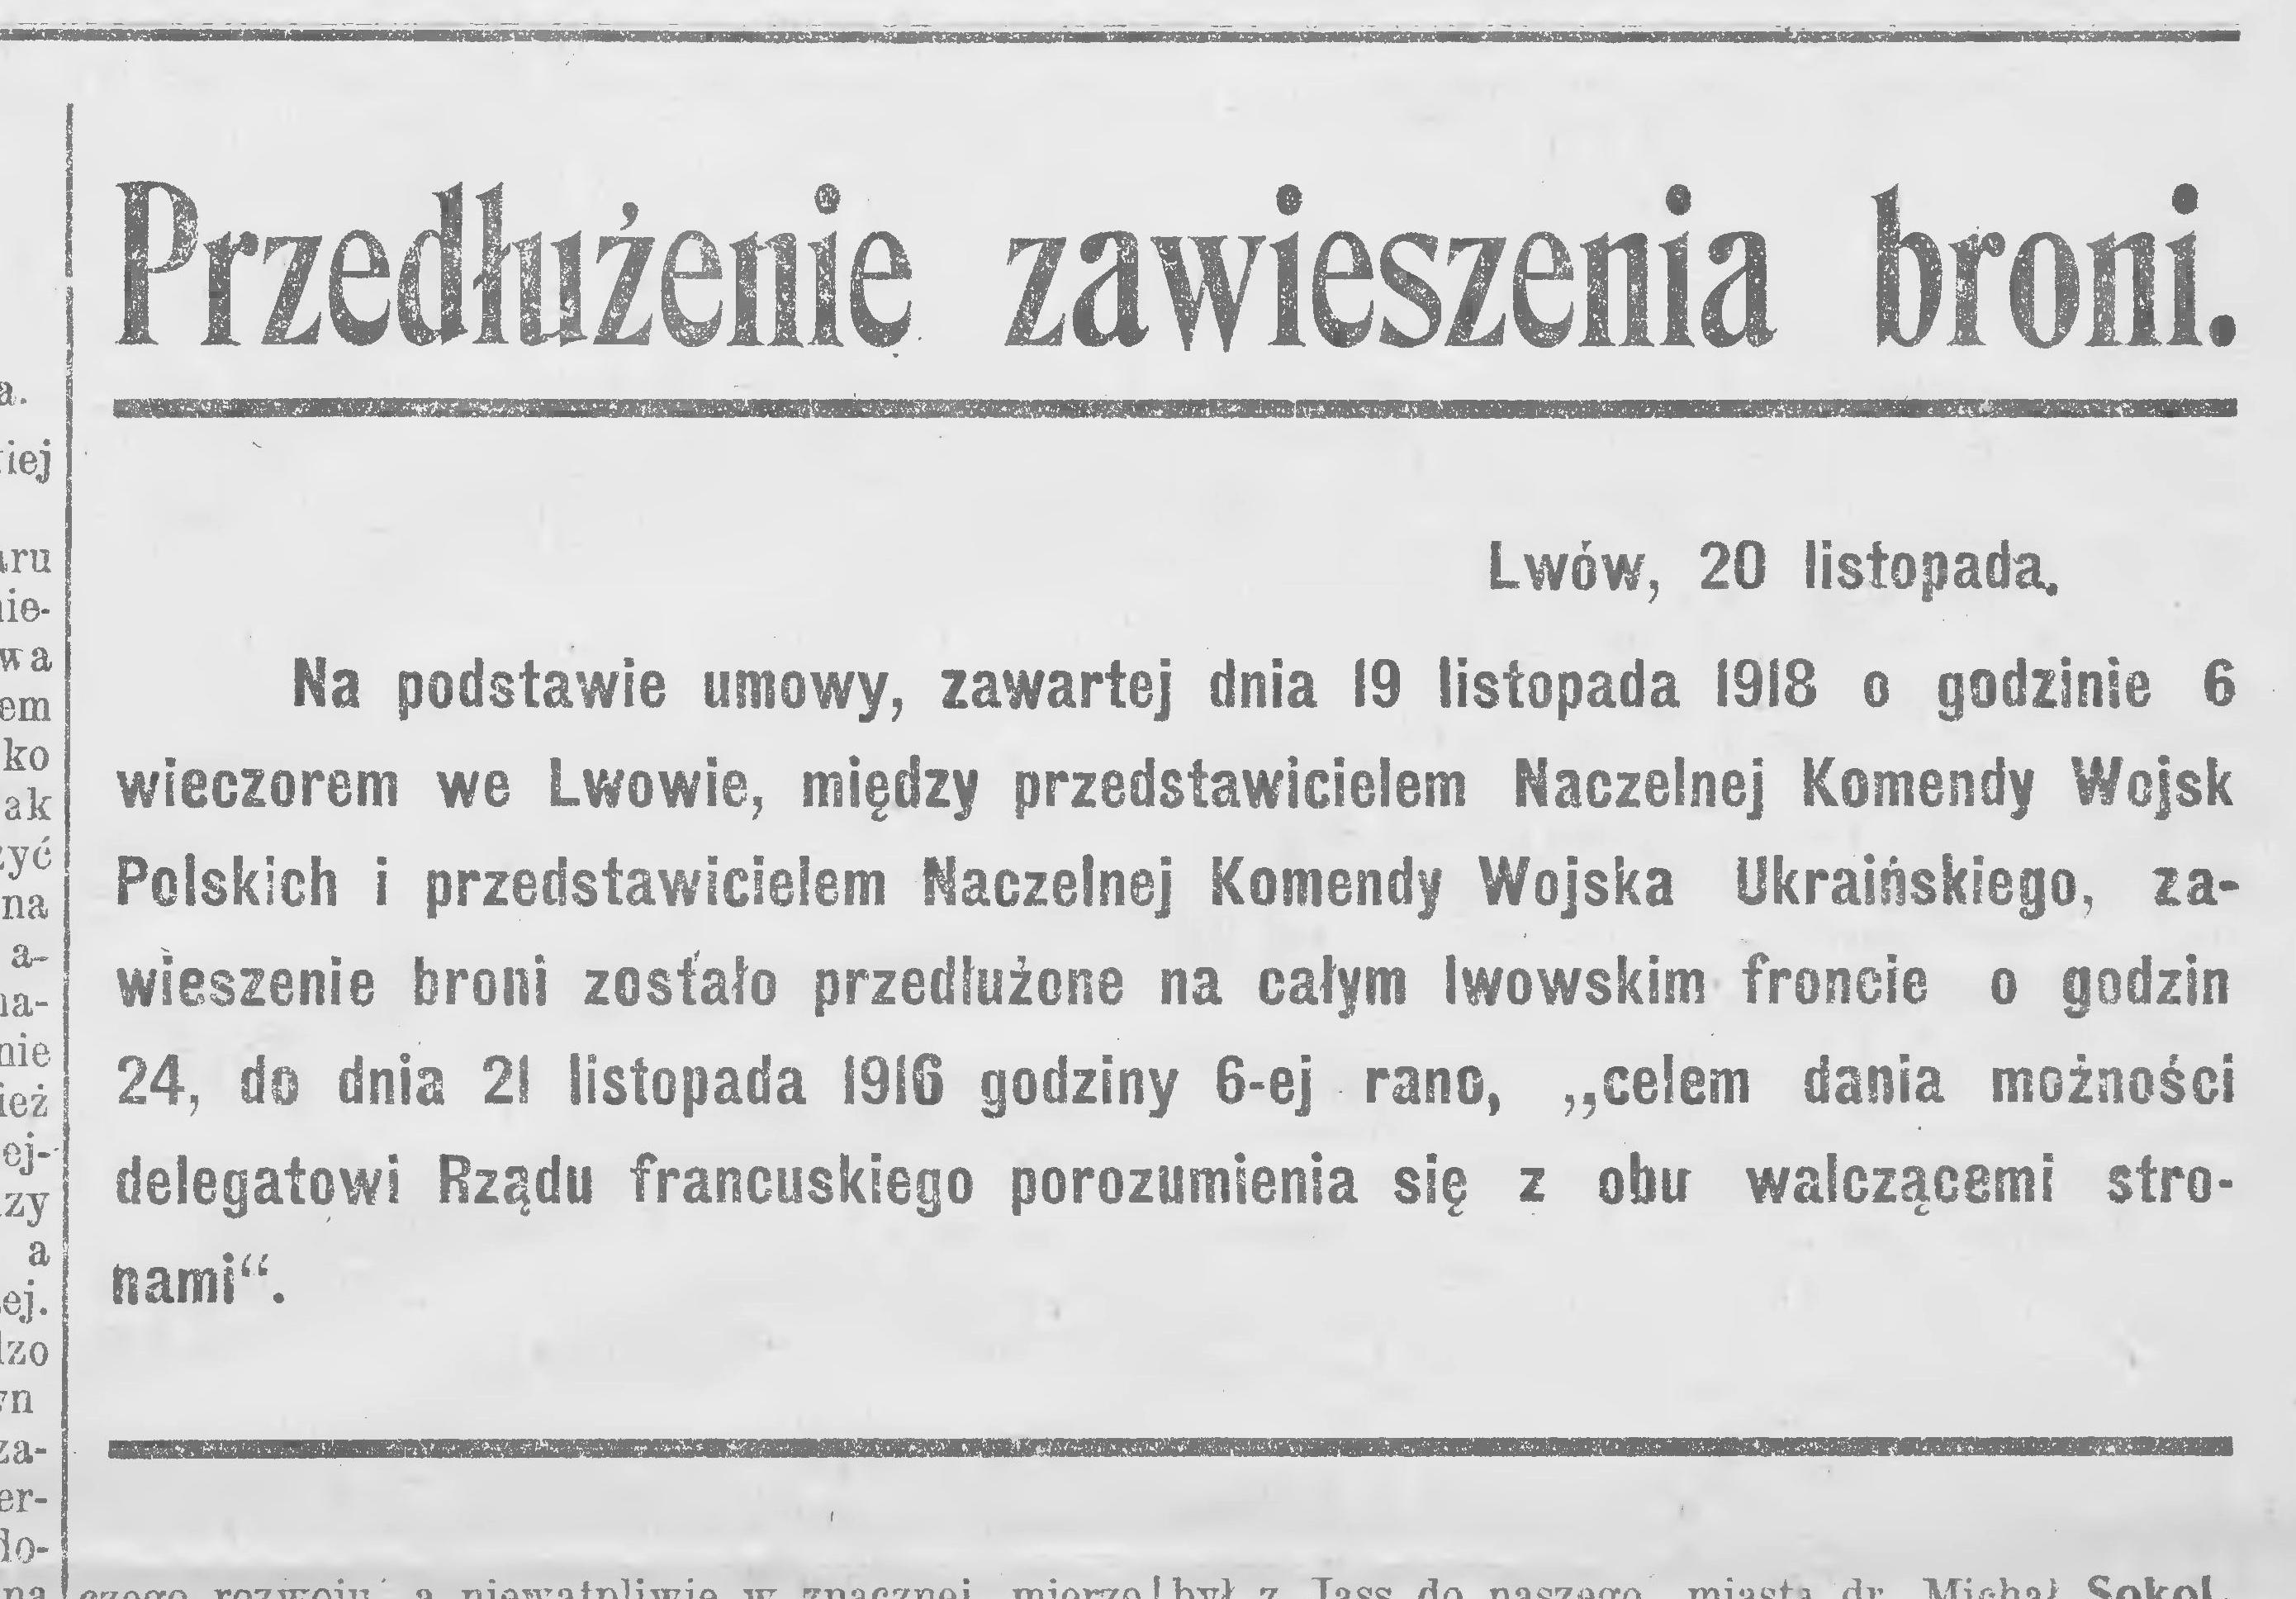 """Повідомлення у газеті """"Pobudka"""" від 20 листопада 1918 року про продовження перемир'я"""